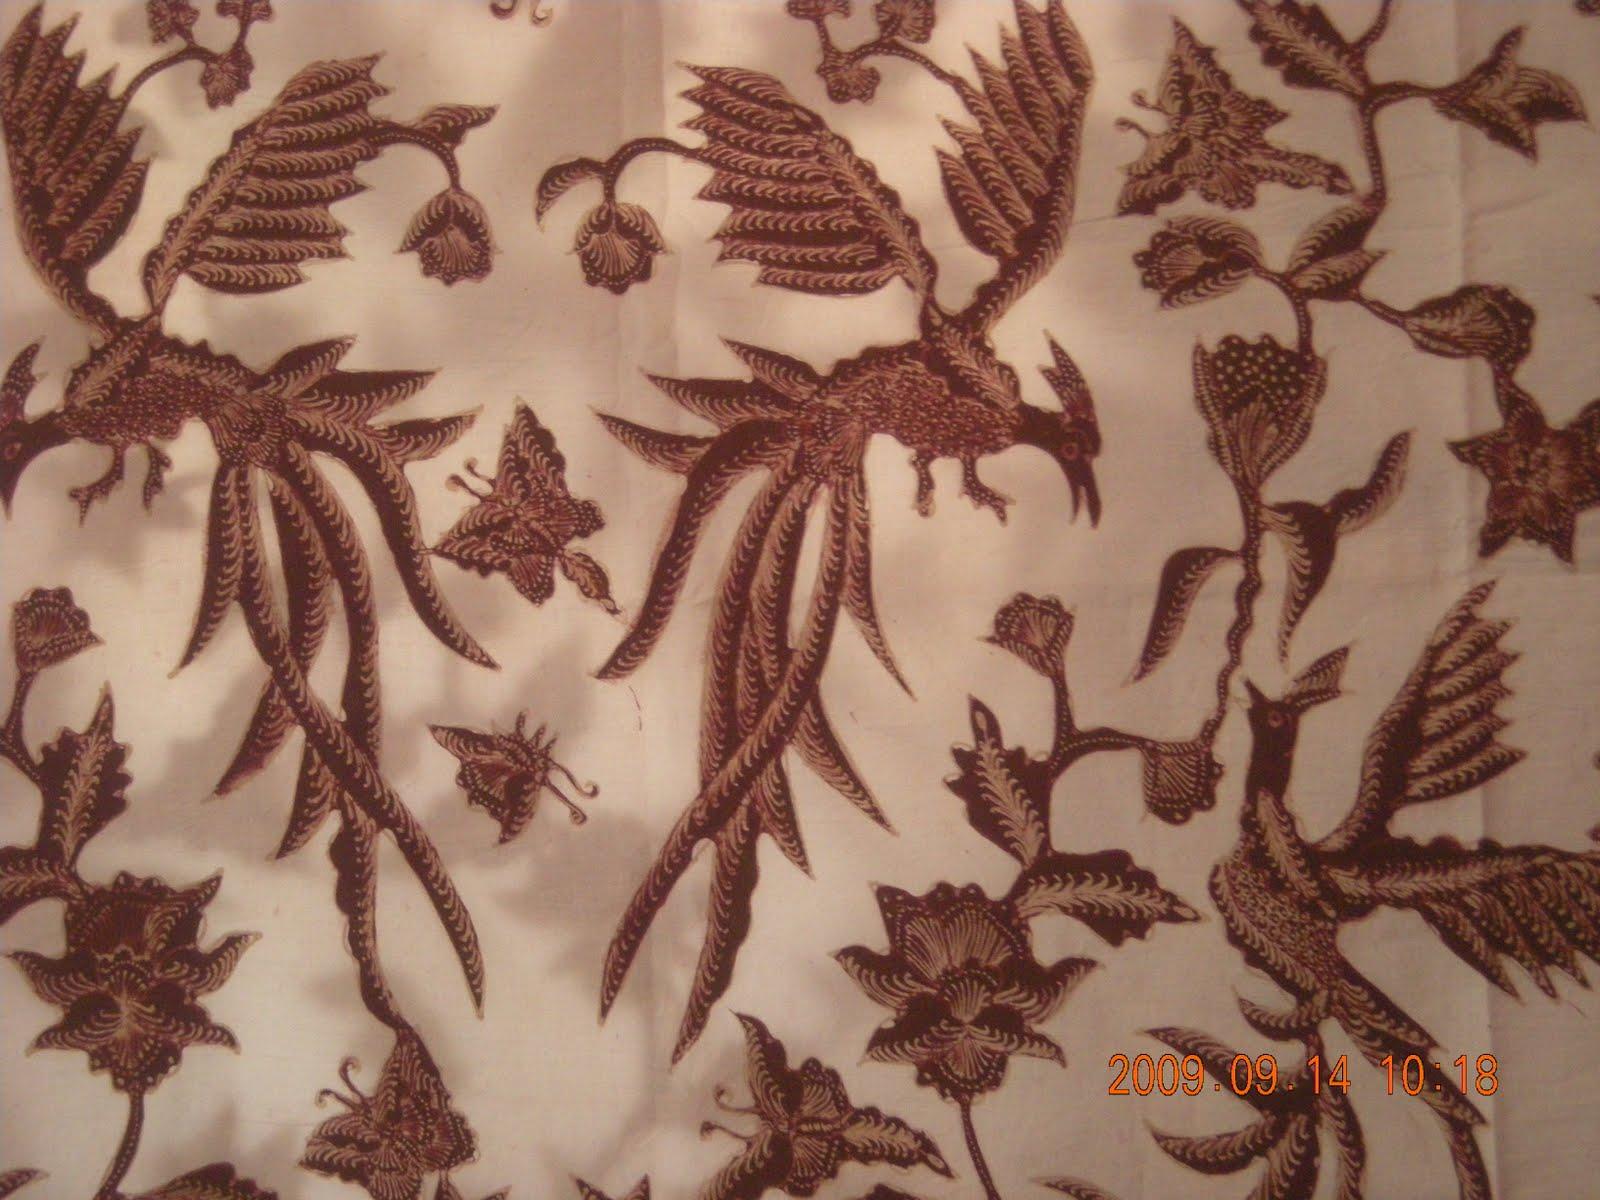 Jenis Batik Tulis Produksi Batik Tulis Lasem Warna Tersedia Putih Kombinasi Coklat Warna Lain Tergantung Pesanan